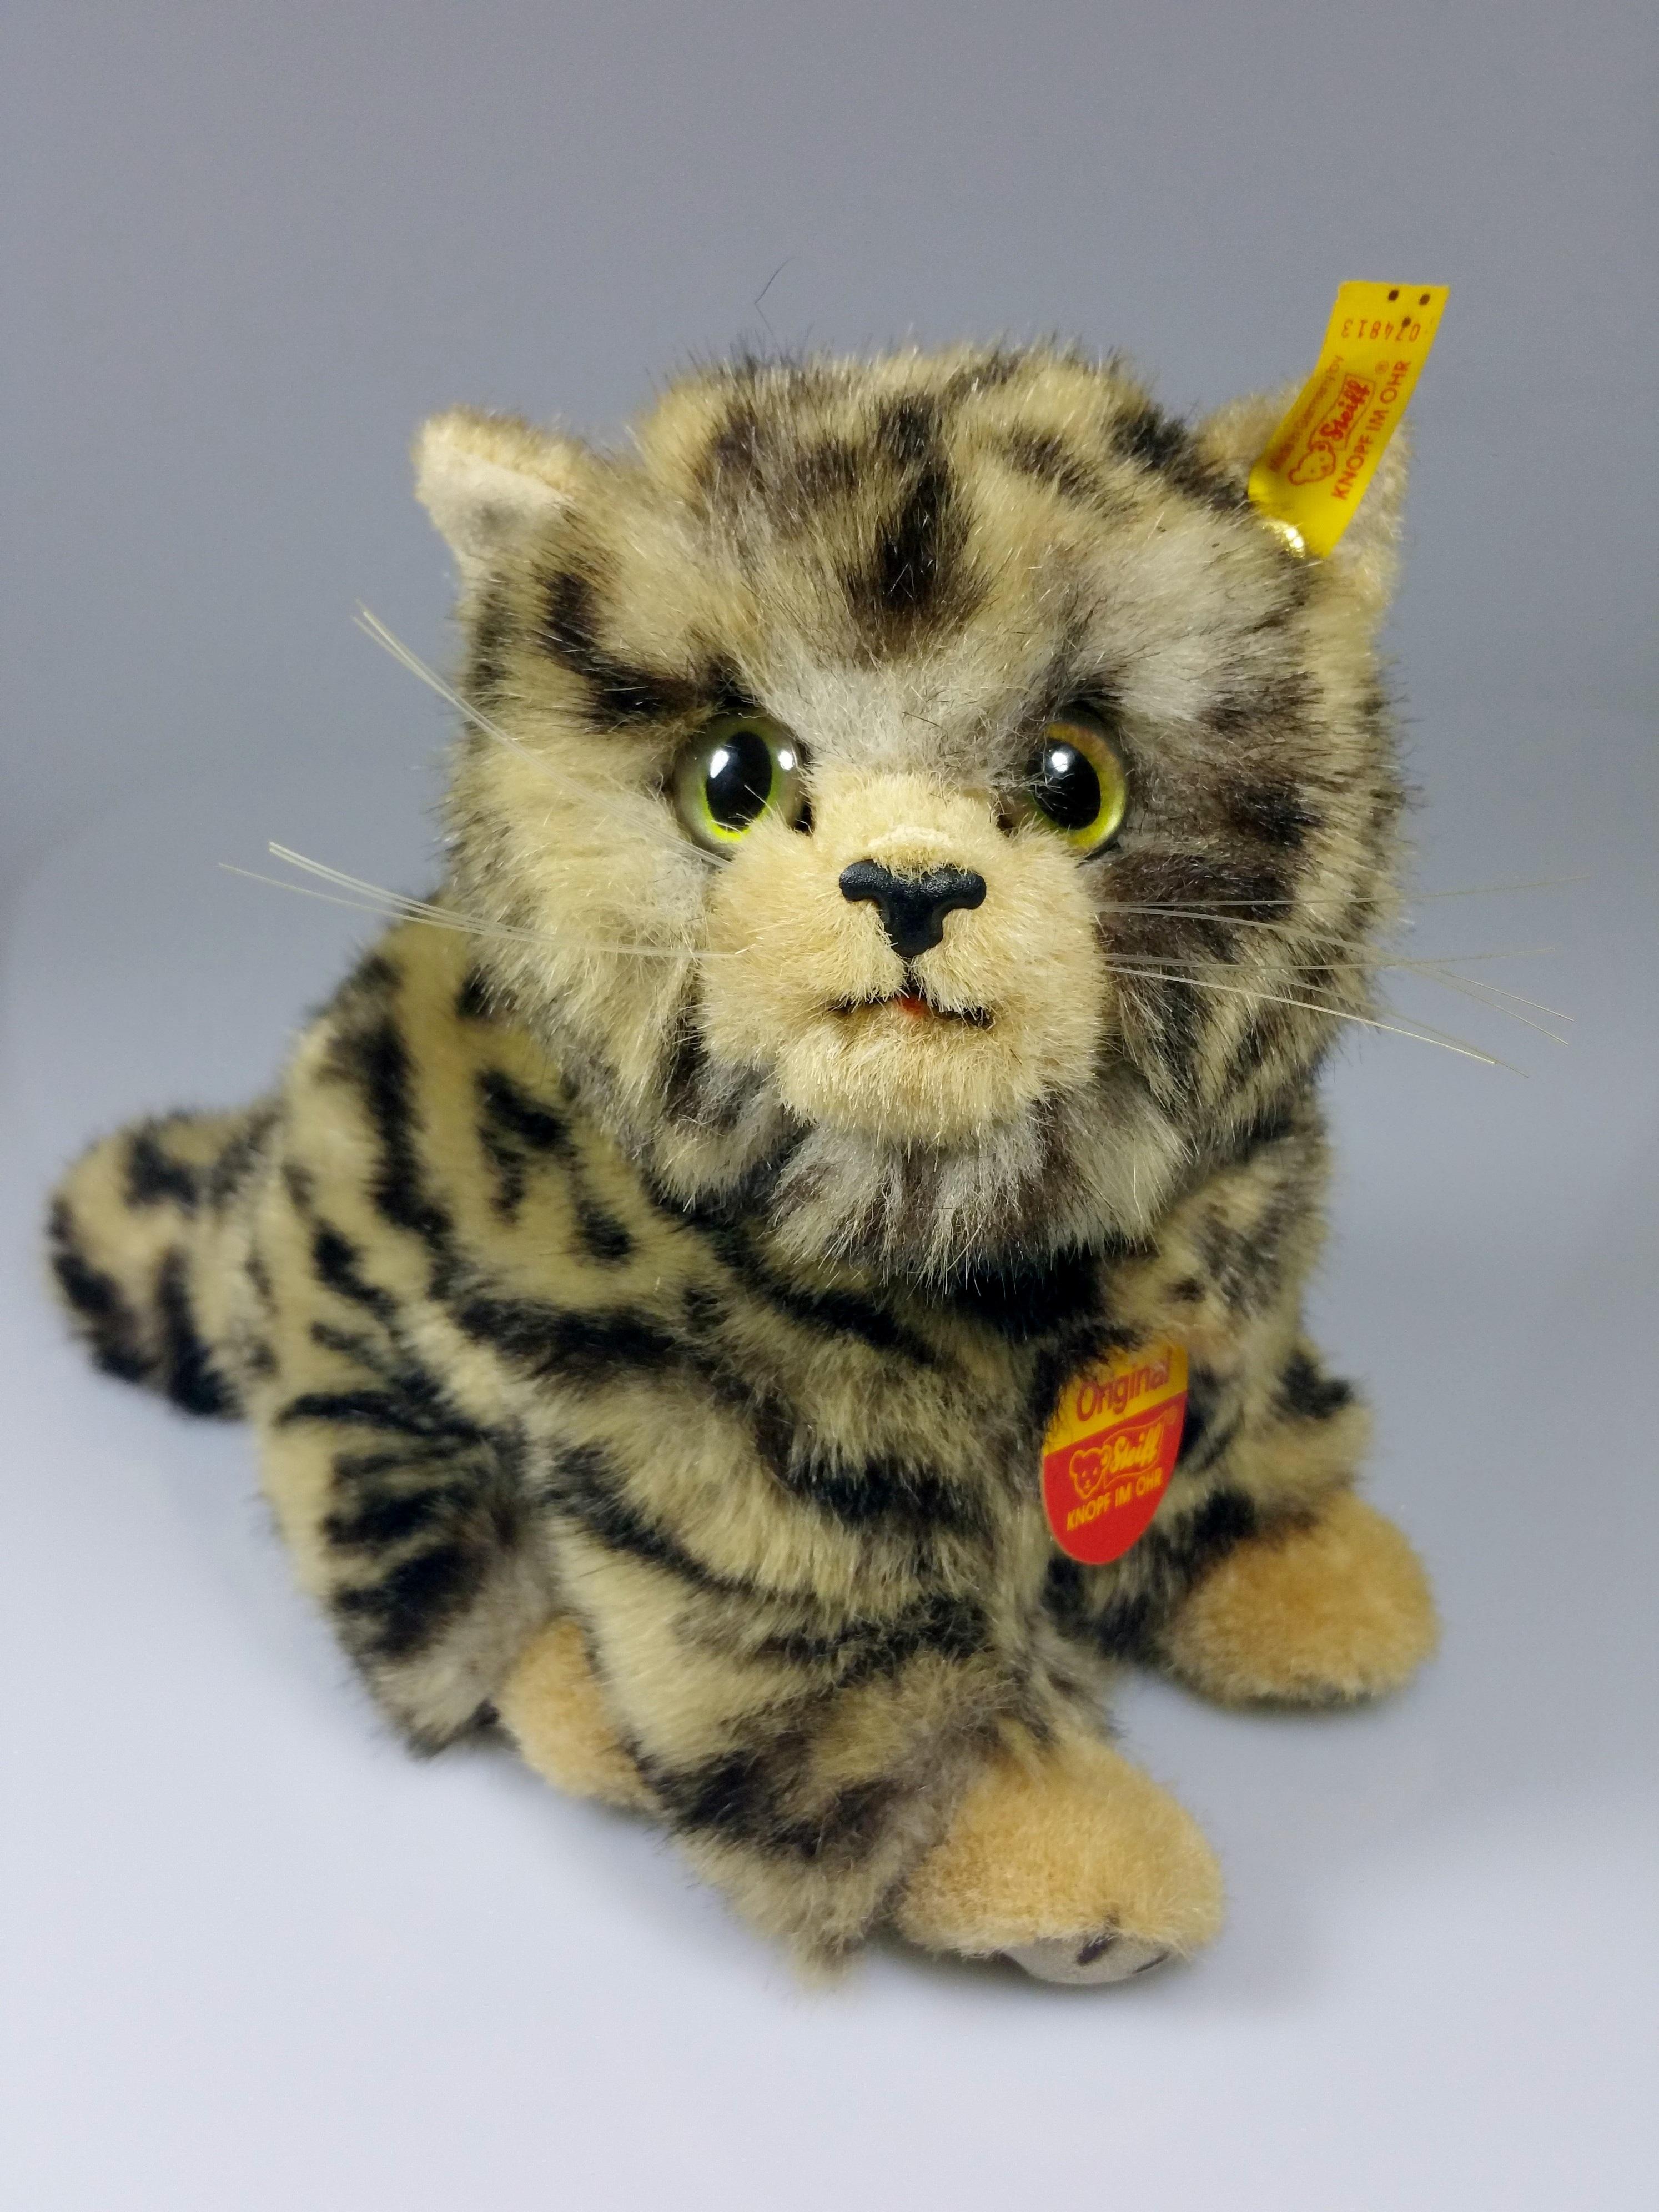 hình ảnh : Mèo con, con mèo, Động vật có vú, gấu bông, con báo, Dệt may, Râu, Động vật có xương sống, nguyên, thú nhồi bông, mèo lớn, Đồ chơi nhồi ...